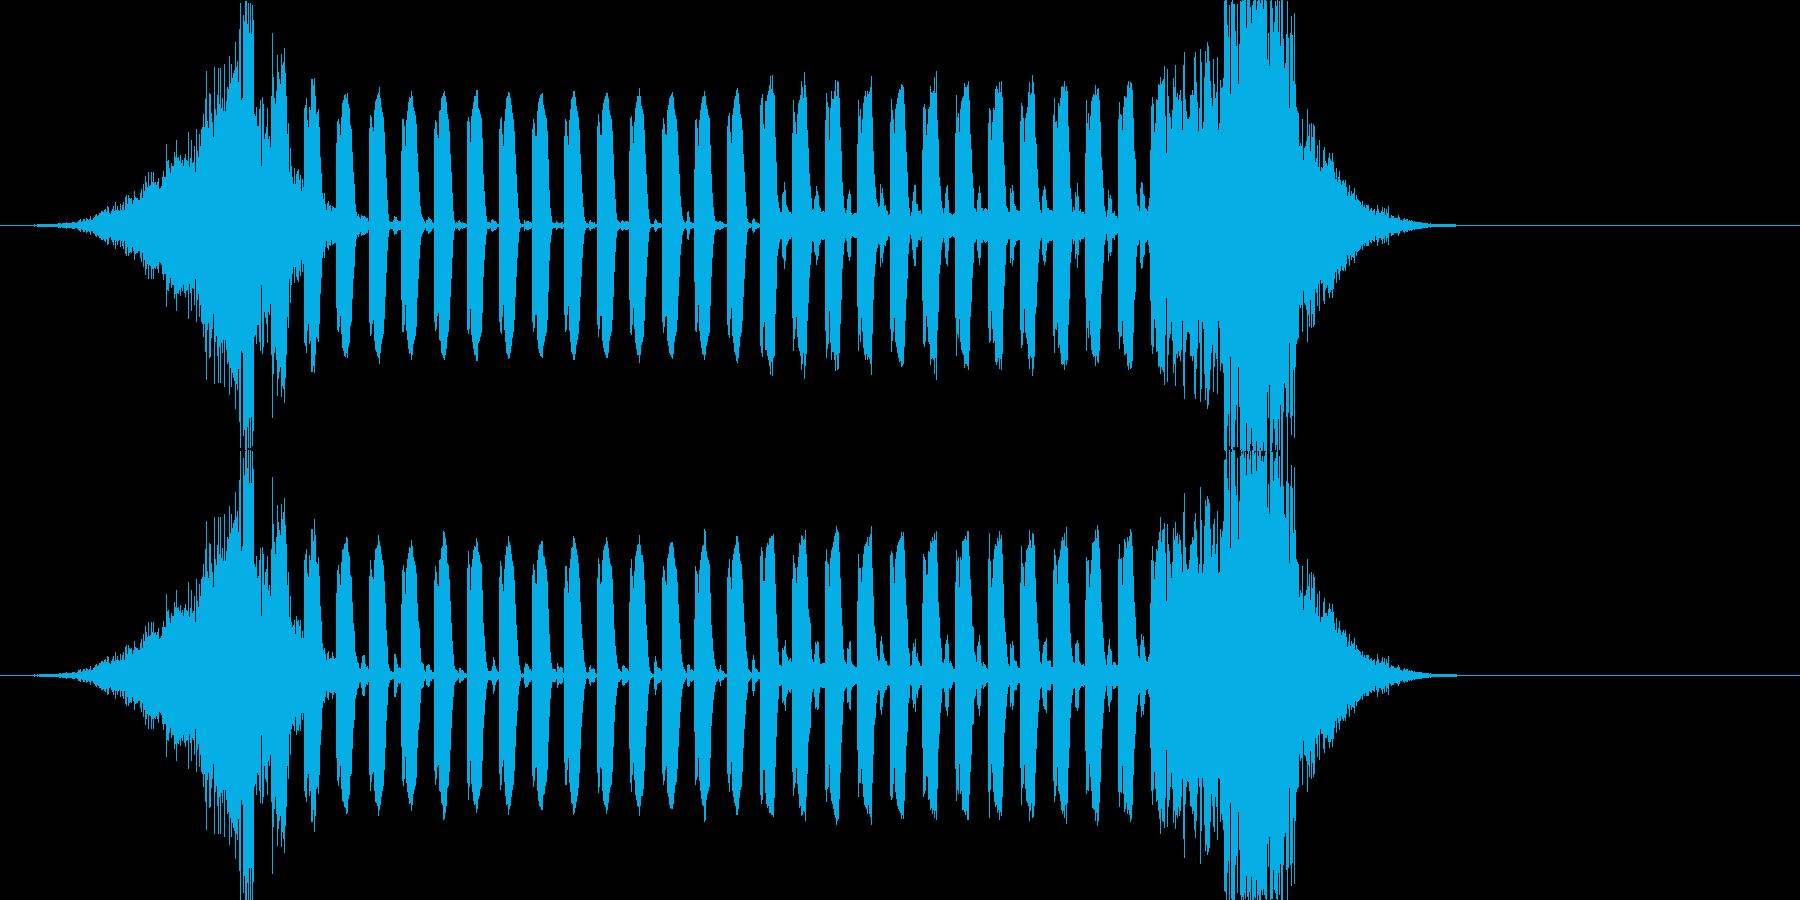 トランス・ハウス系ジングル ニュース番組の再生済みの波形